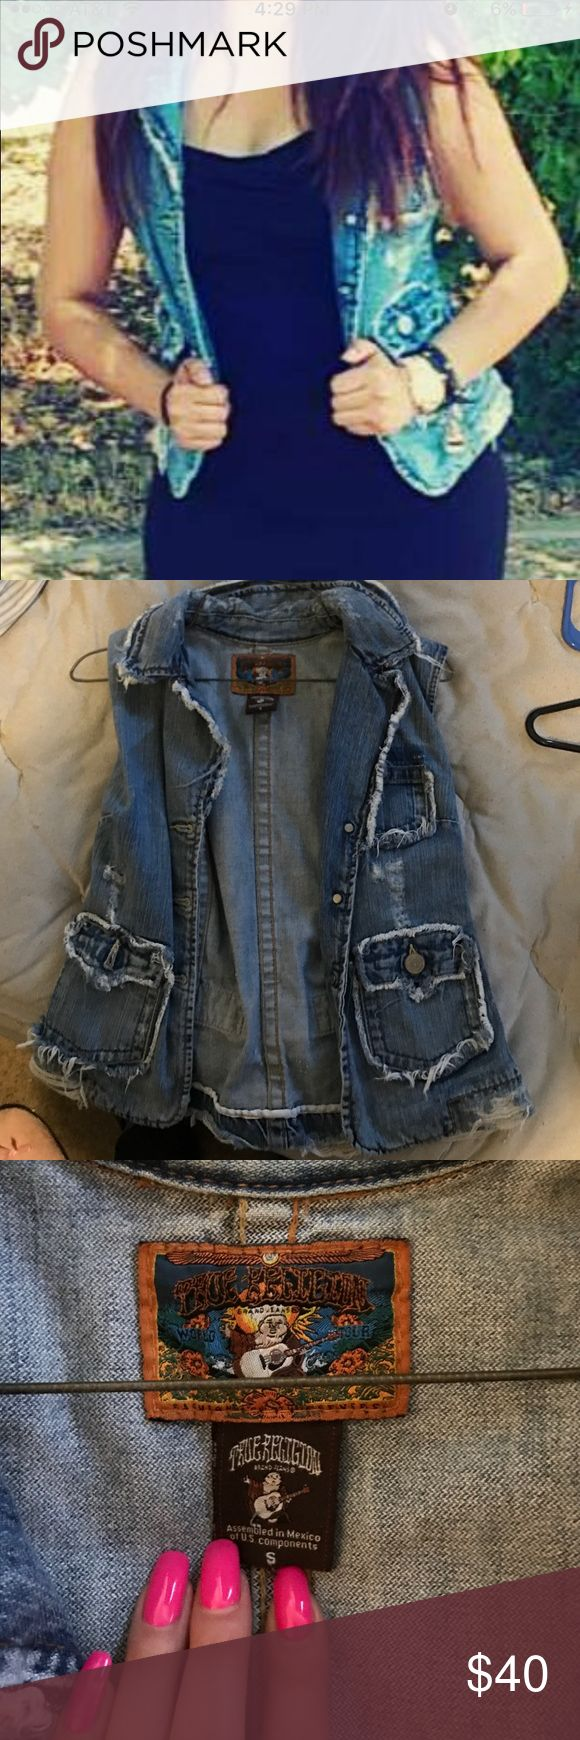 True religion jean jacket Short sleeve supper cute ! True Religion Jackets & Coats Jean Jackets